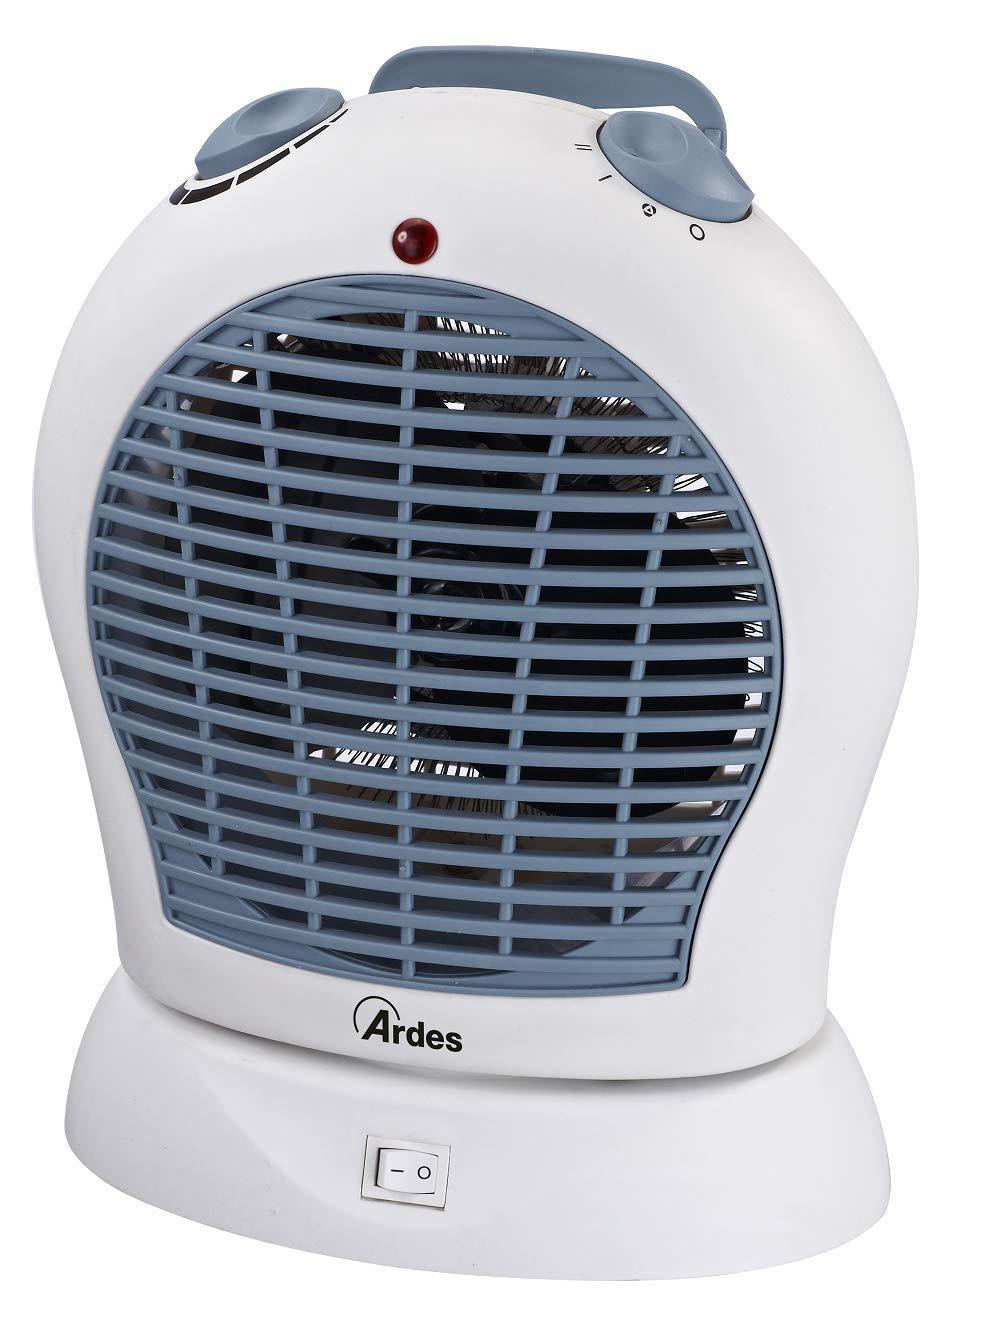 Ardes-AR4F05